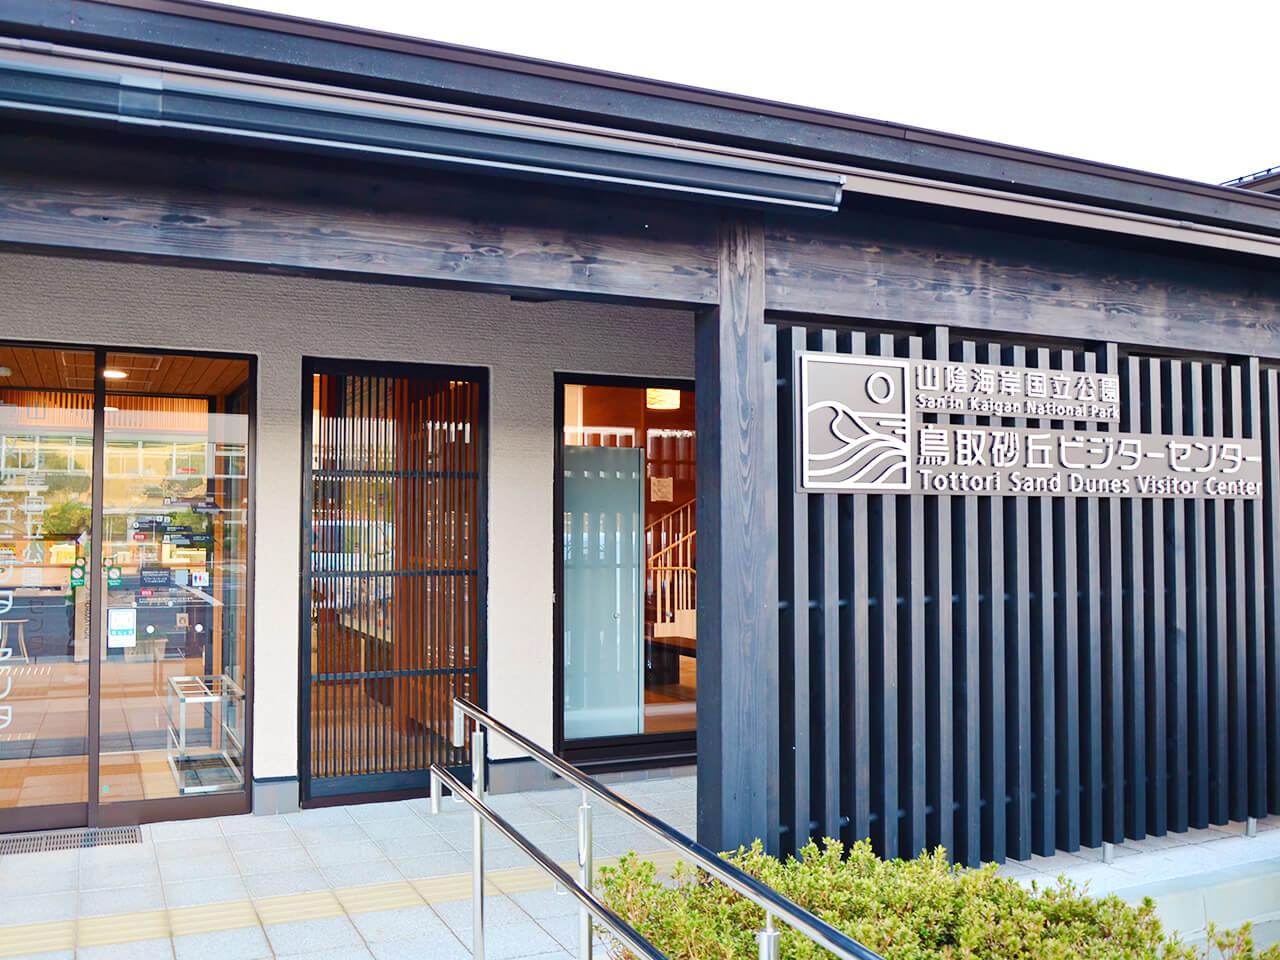 山陰海岸国立公園鳥取砂丘ビジターセンター